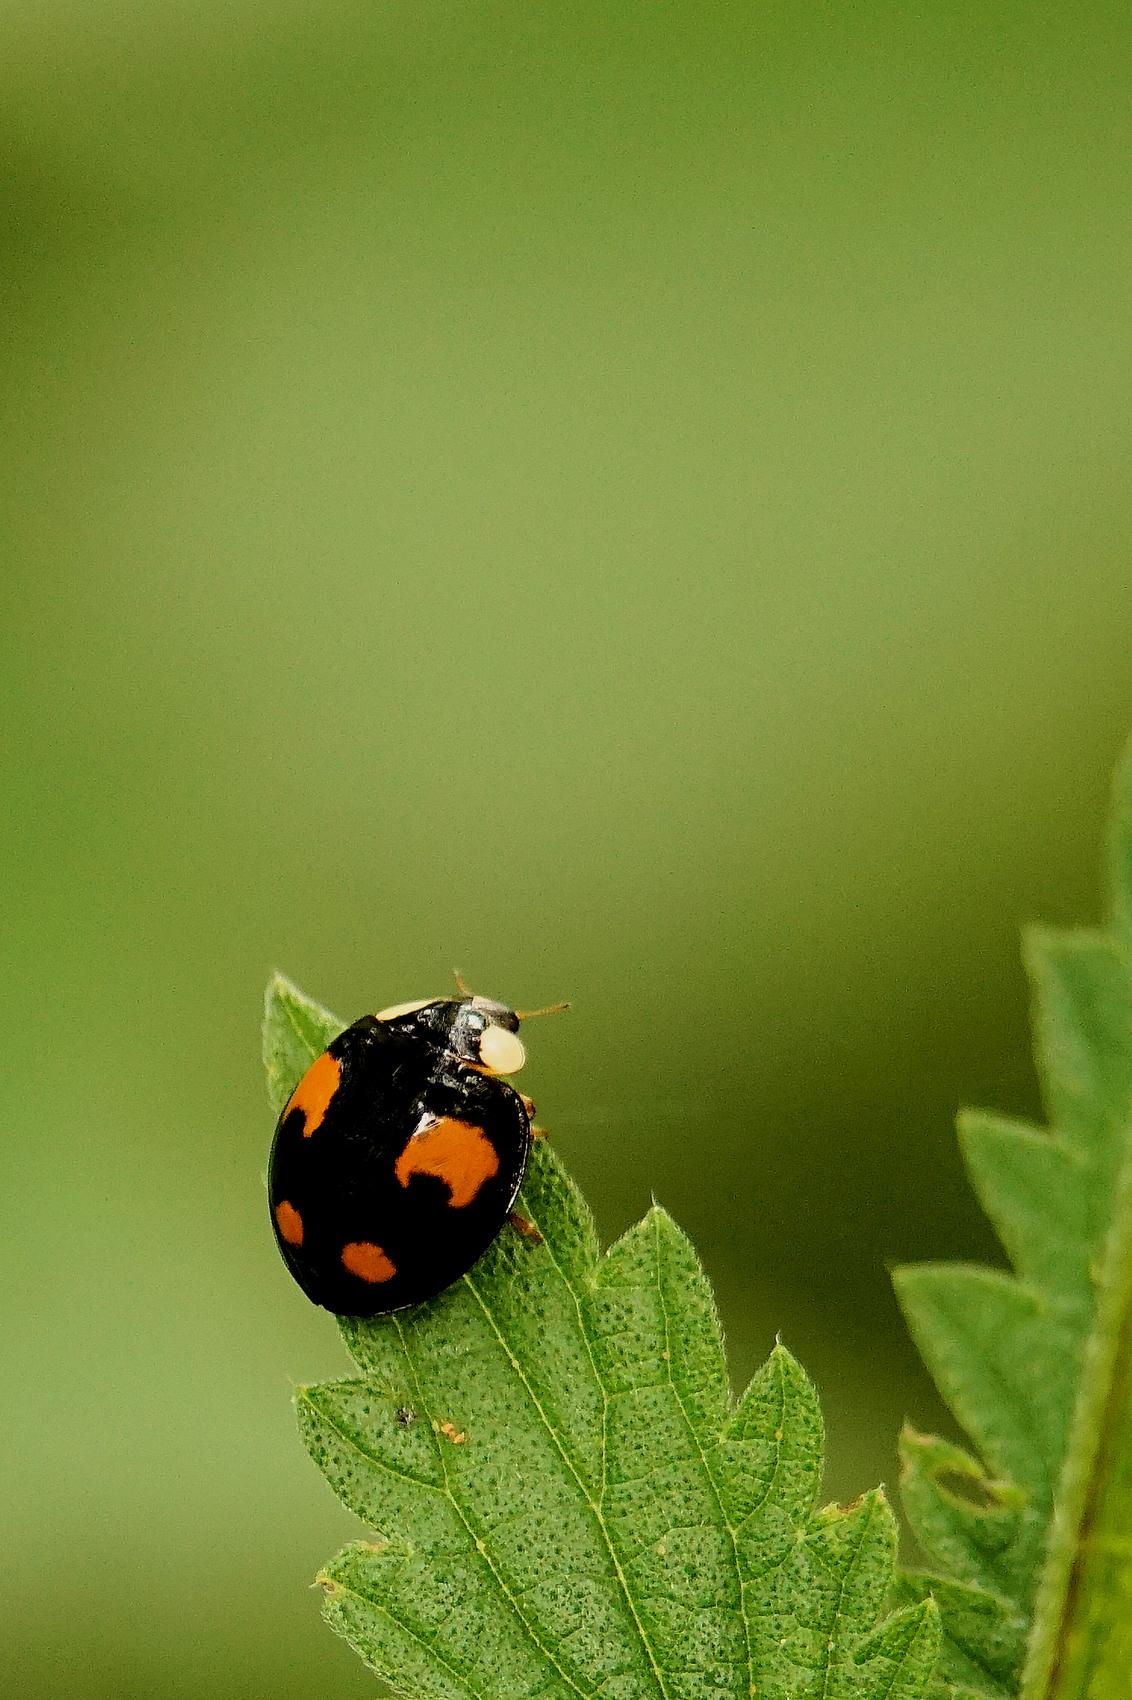 LHB - Alvast bedankt voor jullie reactie's.  Gr, Johannes - foto door cowiefotografie op 06-09-2020 - deze foto bevat: groen, macro, natuur, lieveheersbeestje, oranje, zwart, zomer, dof